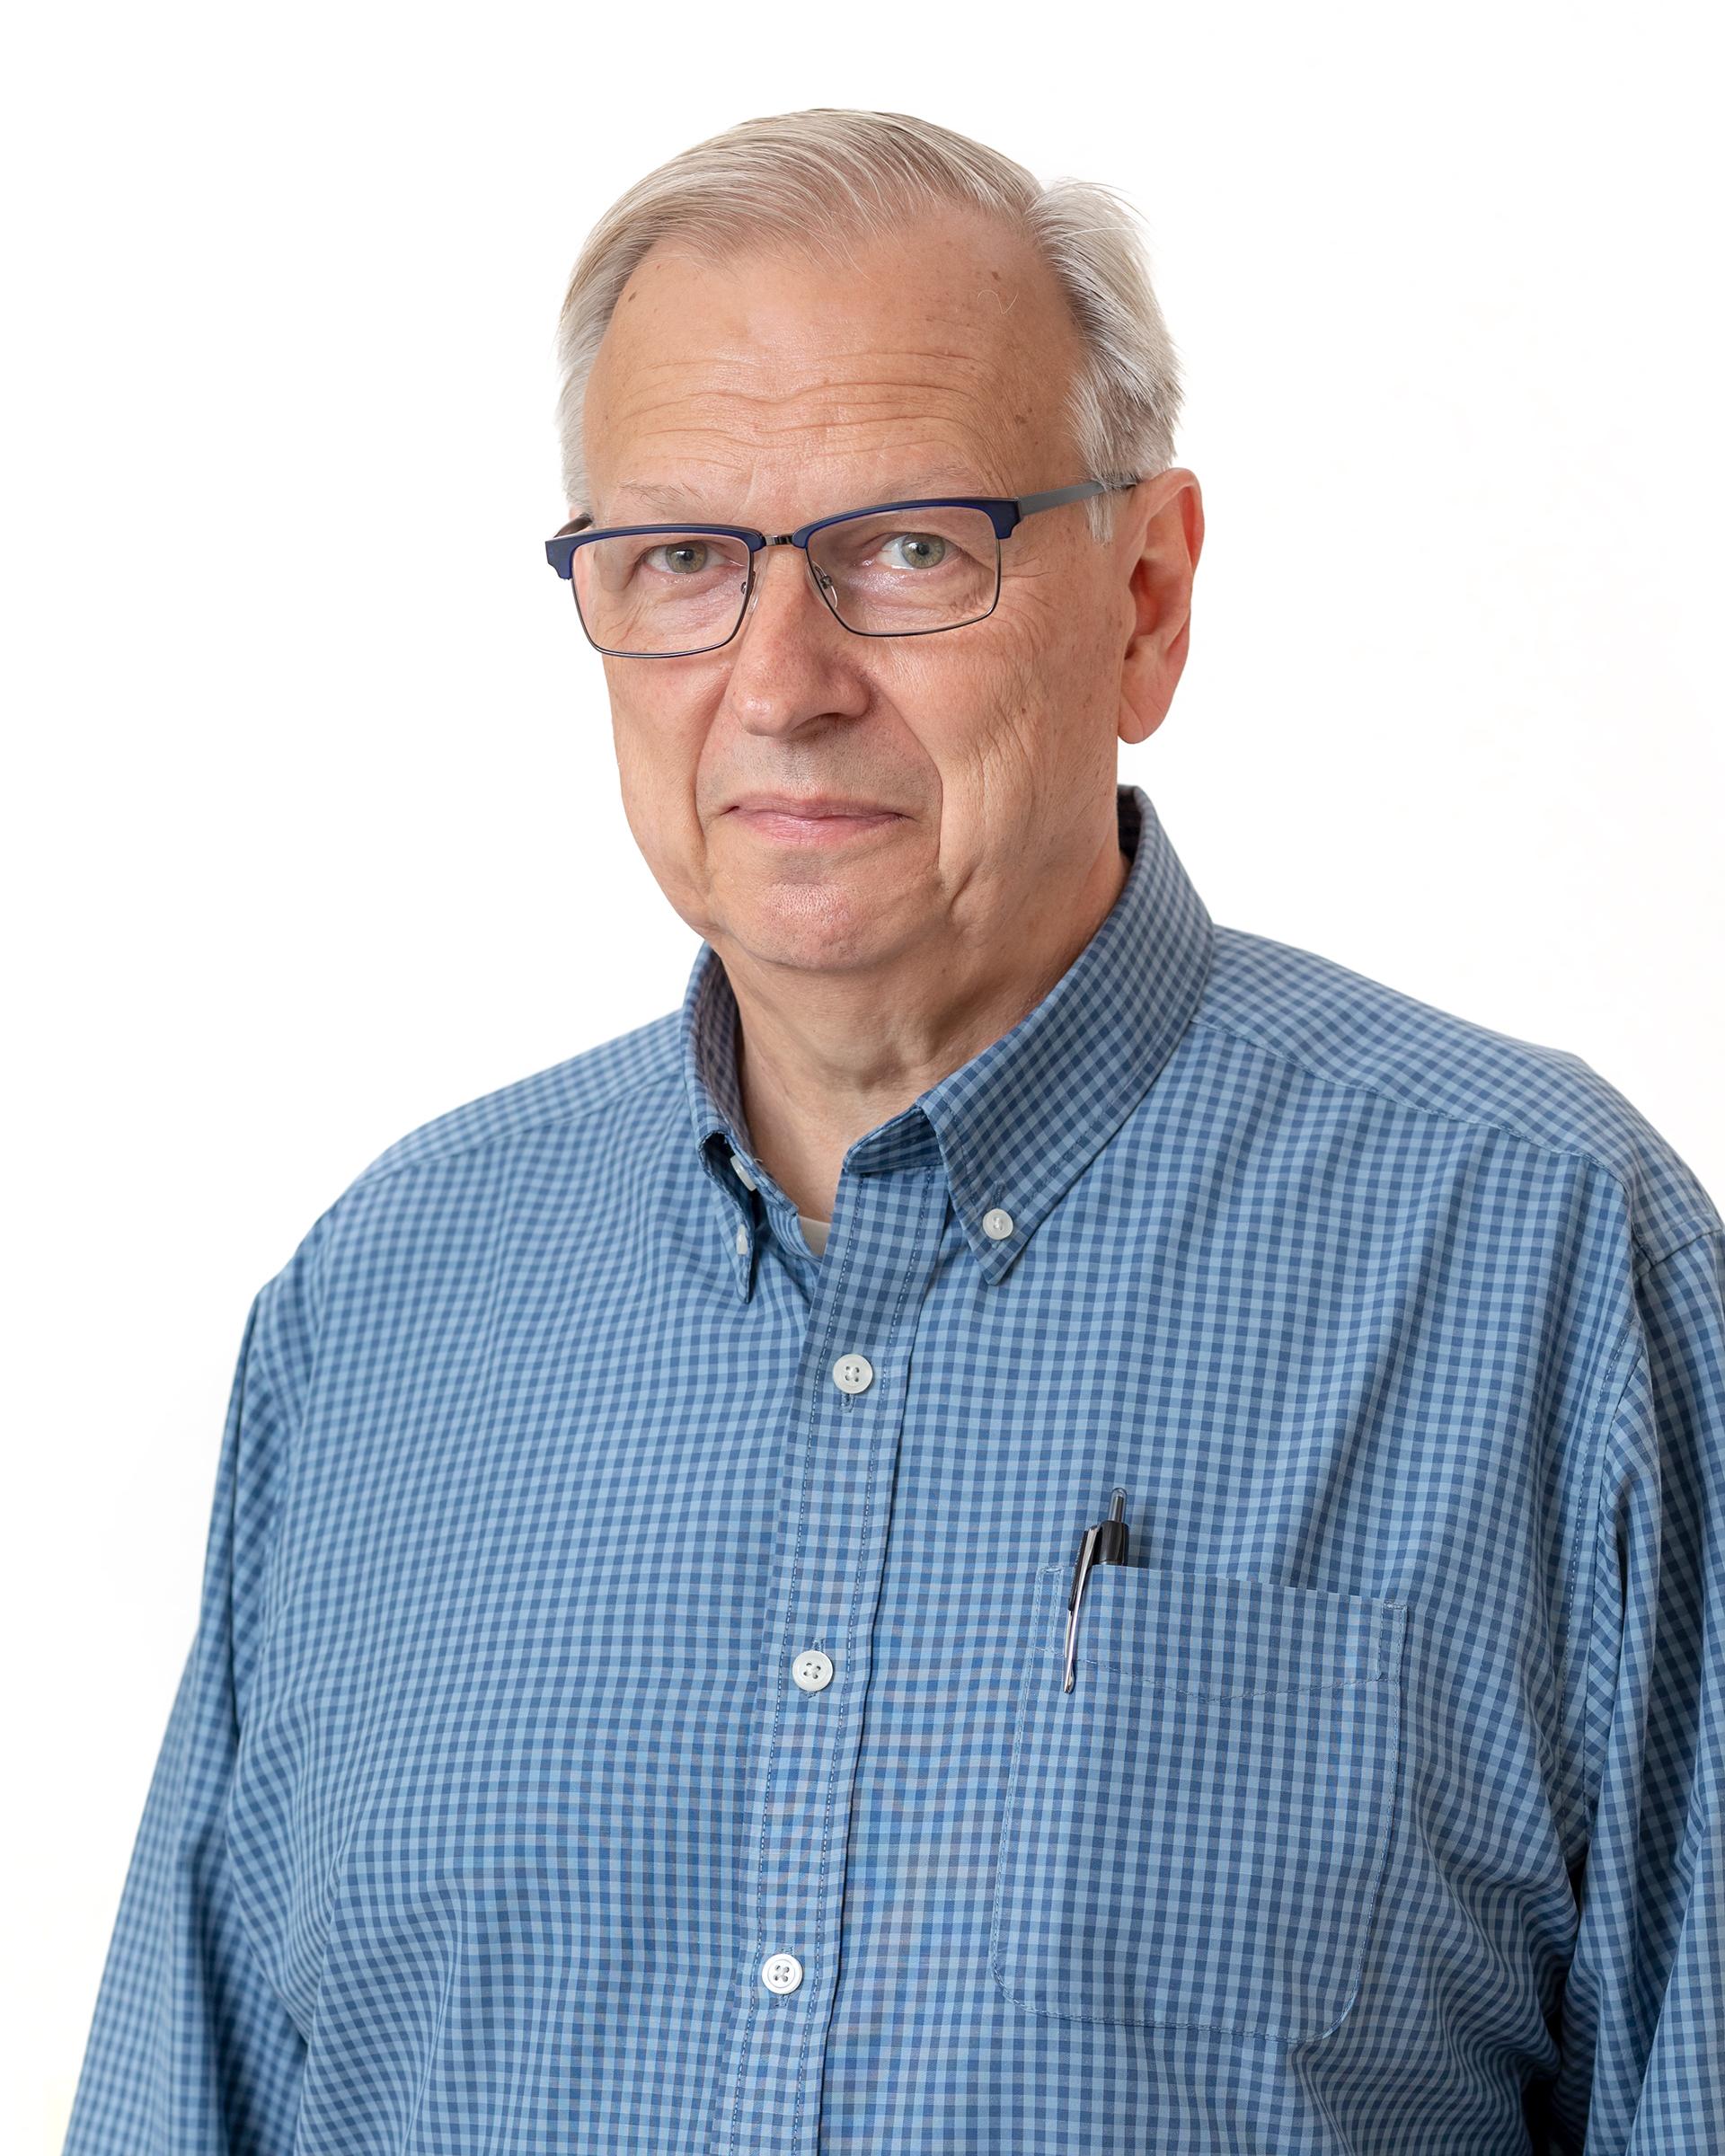 Robert Sourk, MD